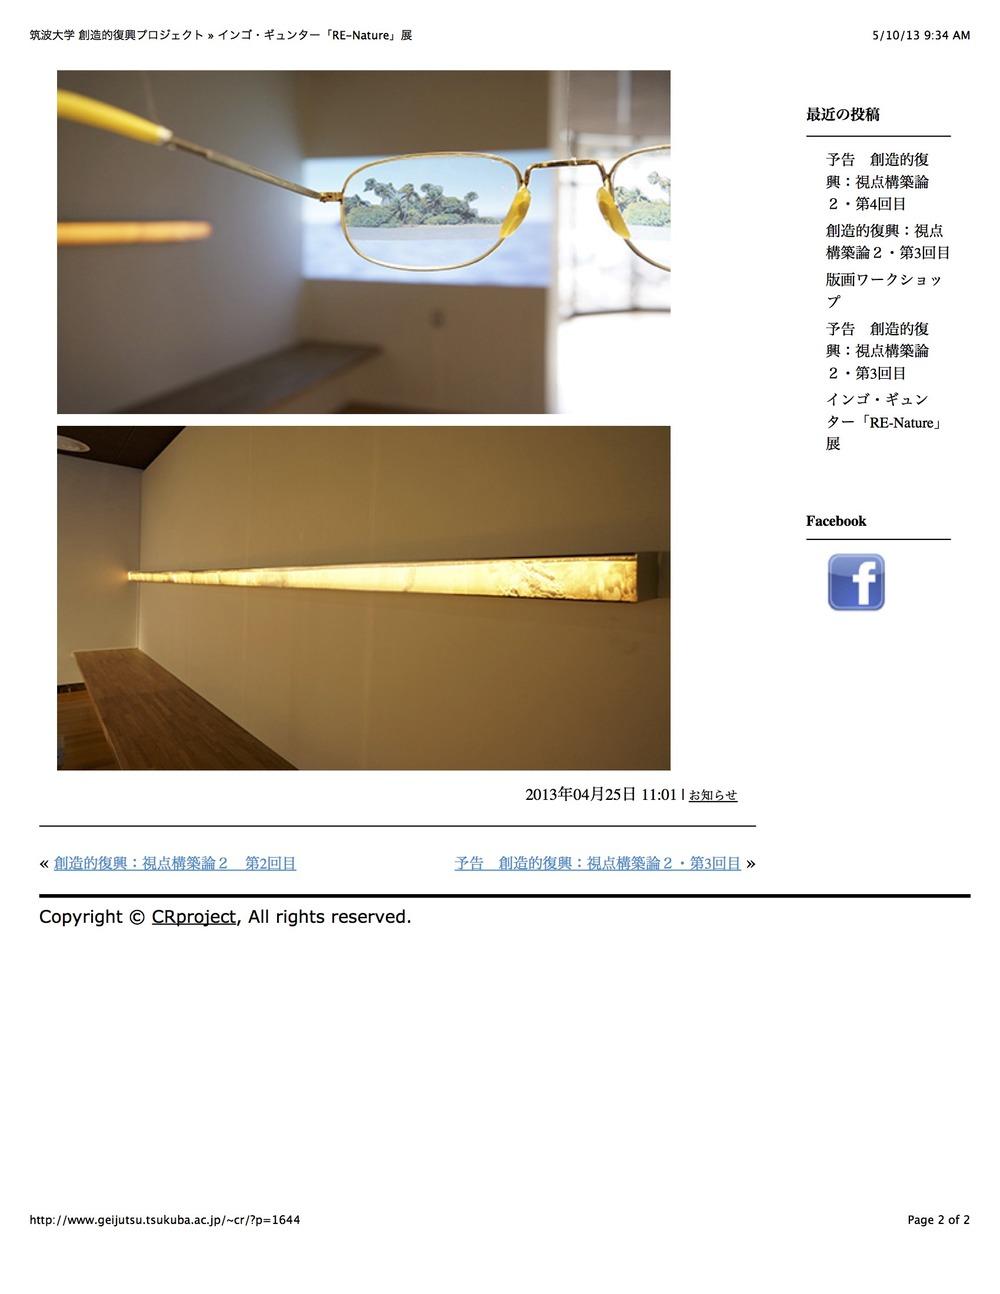 筑波大学 創造的復興プロジェクト » インゴ・ギュンター「RE-Nature」展.jpg